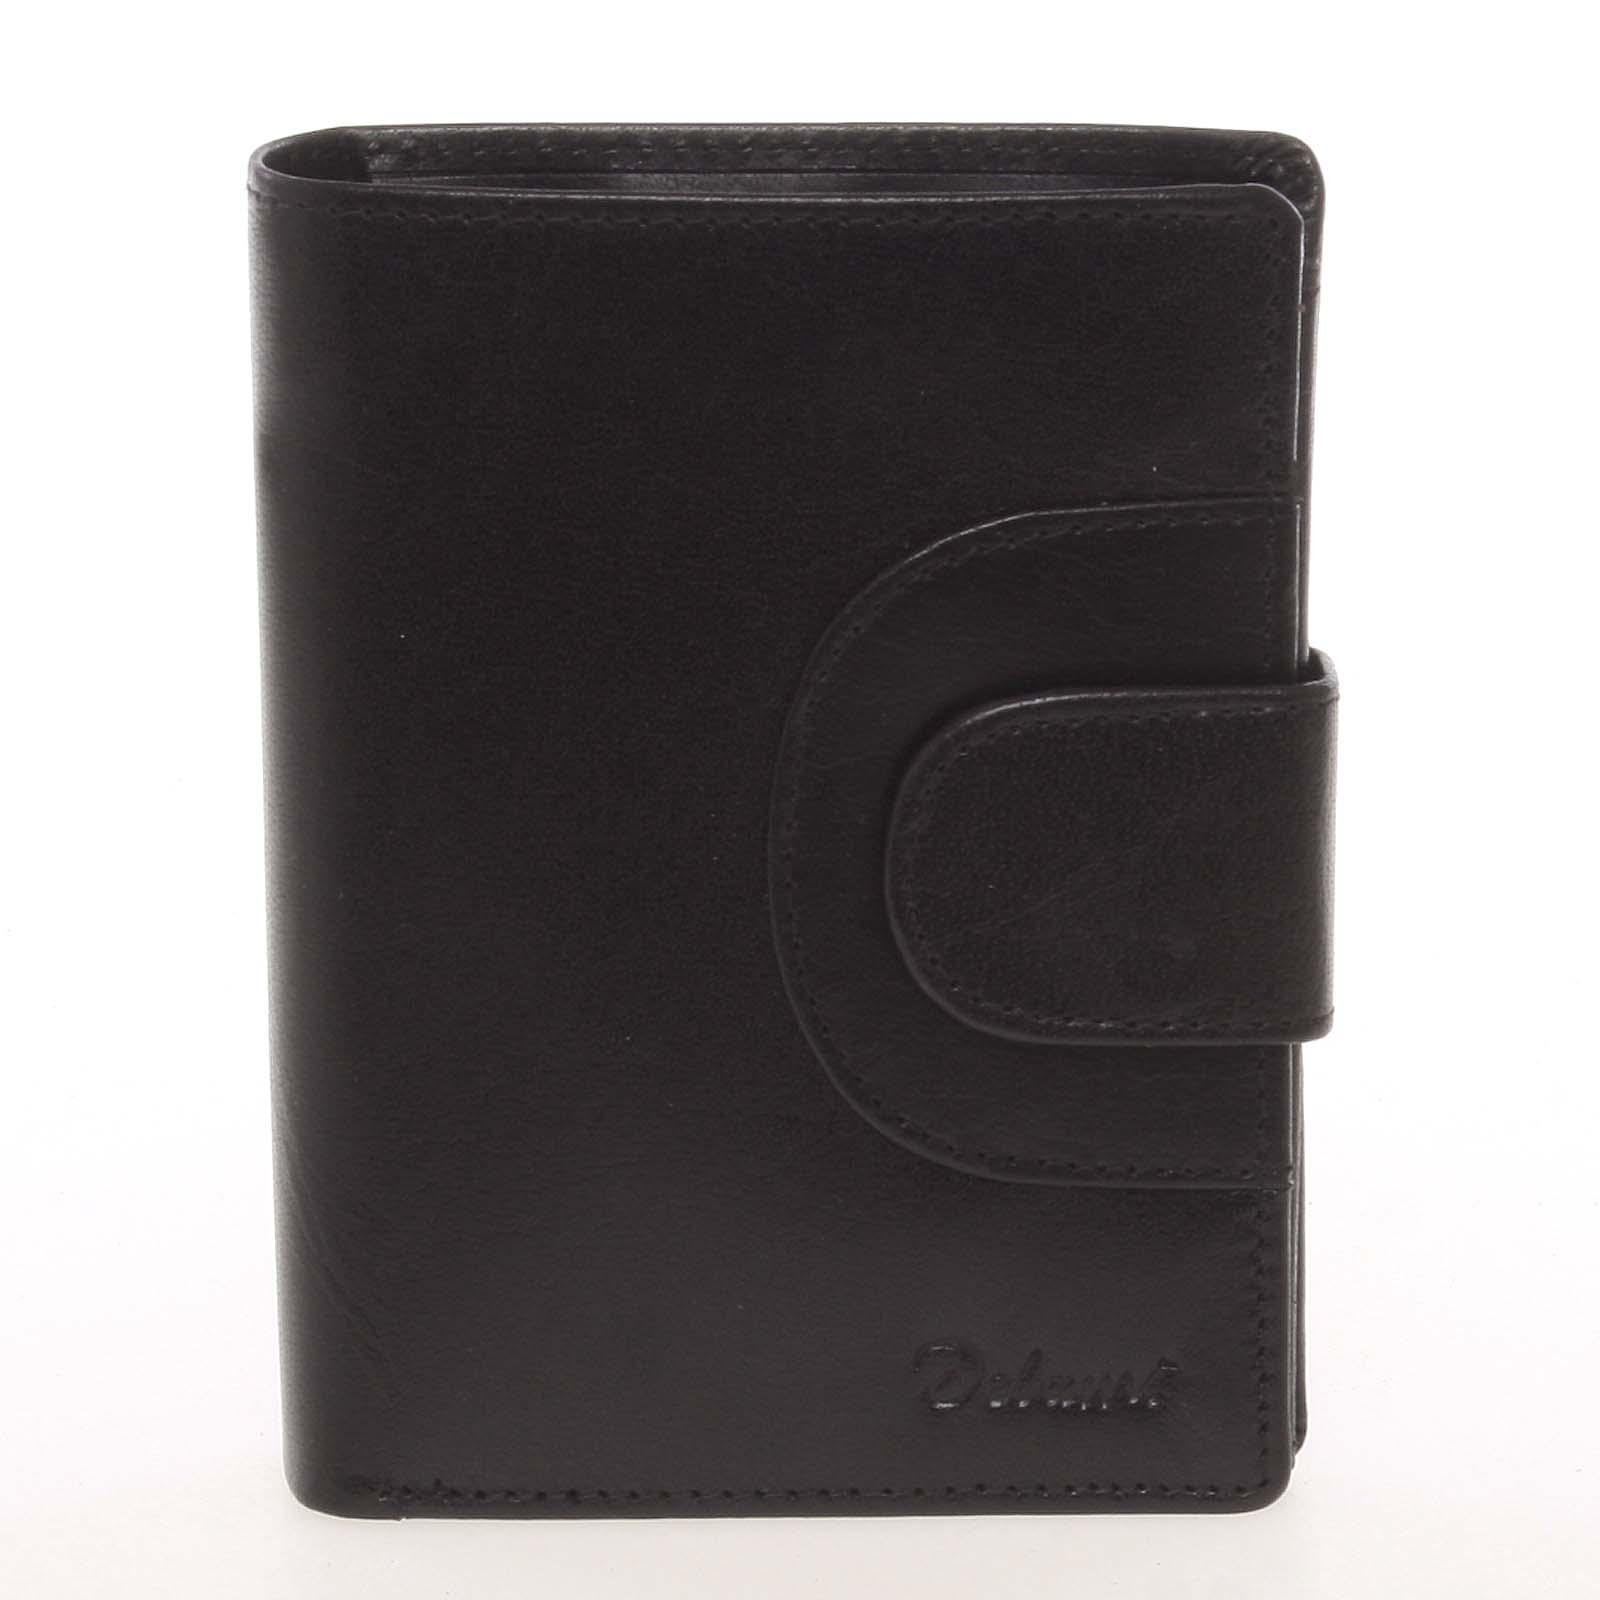 Kožená módní černá peněženka pro muže - Delami Raynard